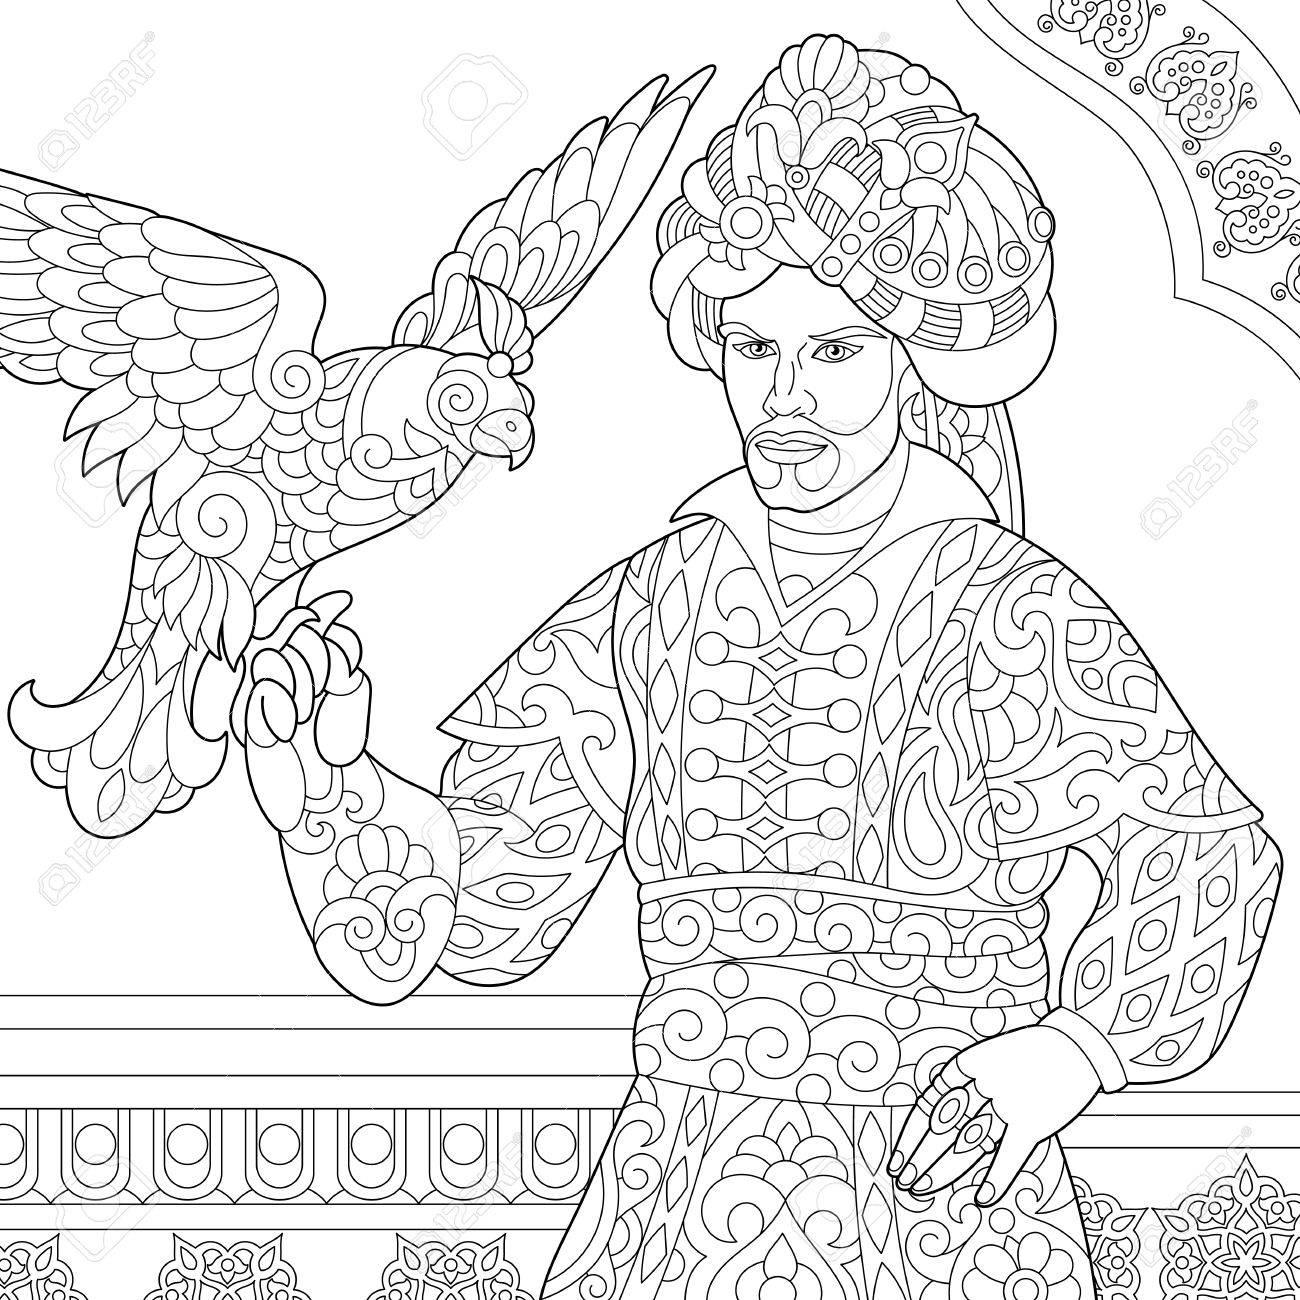 Dibujo Para Colorear De Otomano Sultán Con Halcón (halcón) Pájaro En ...